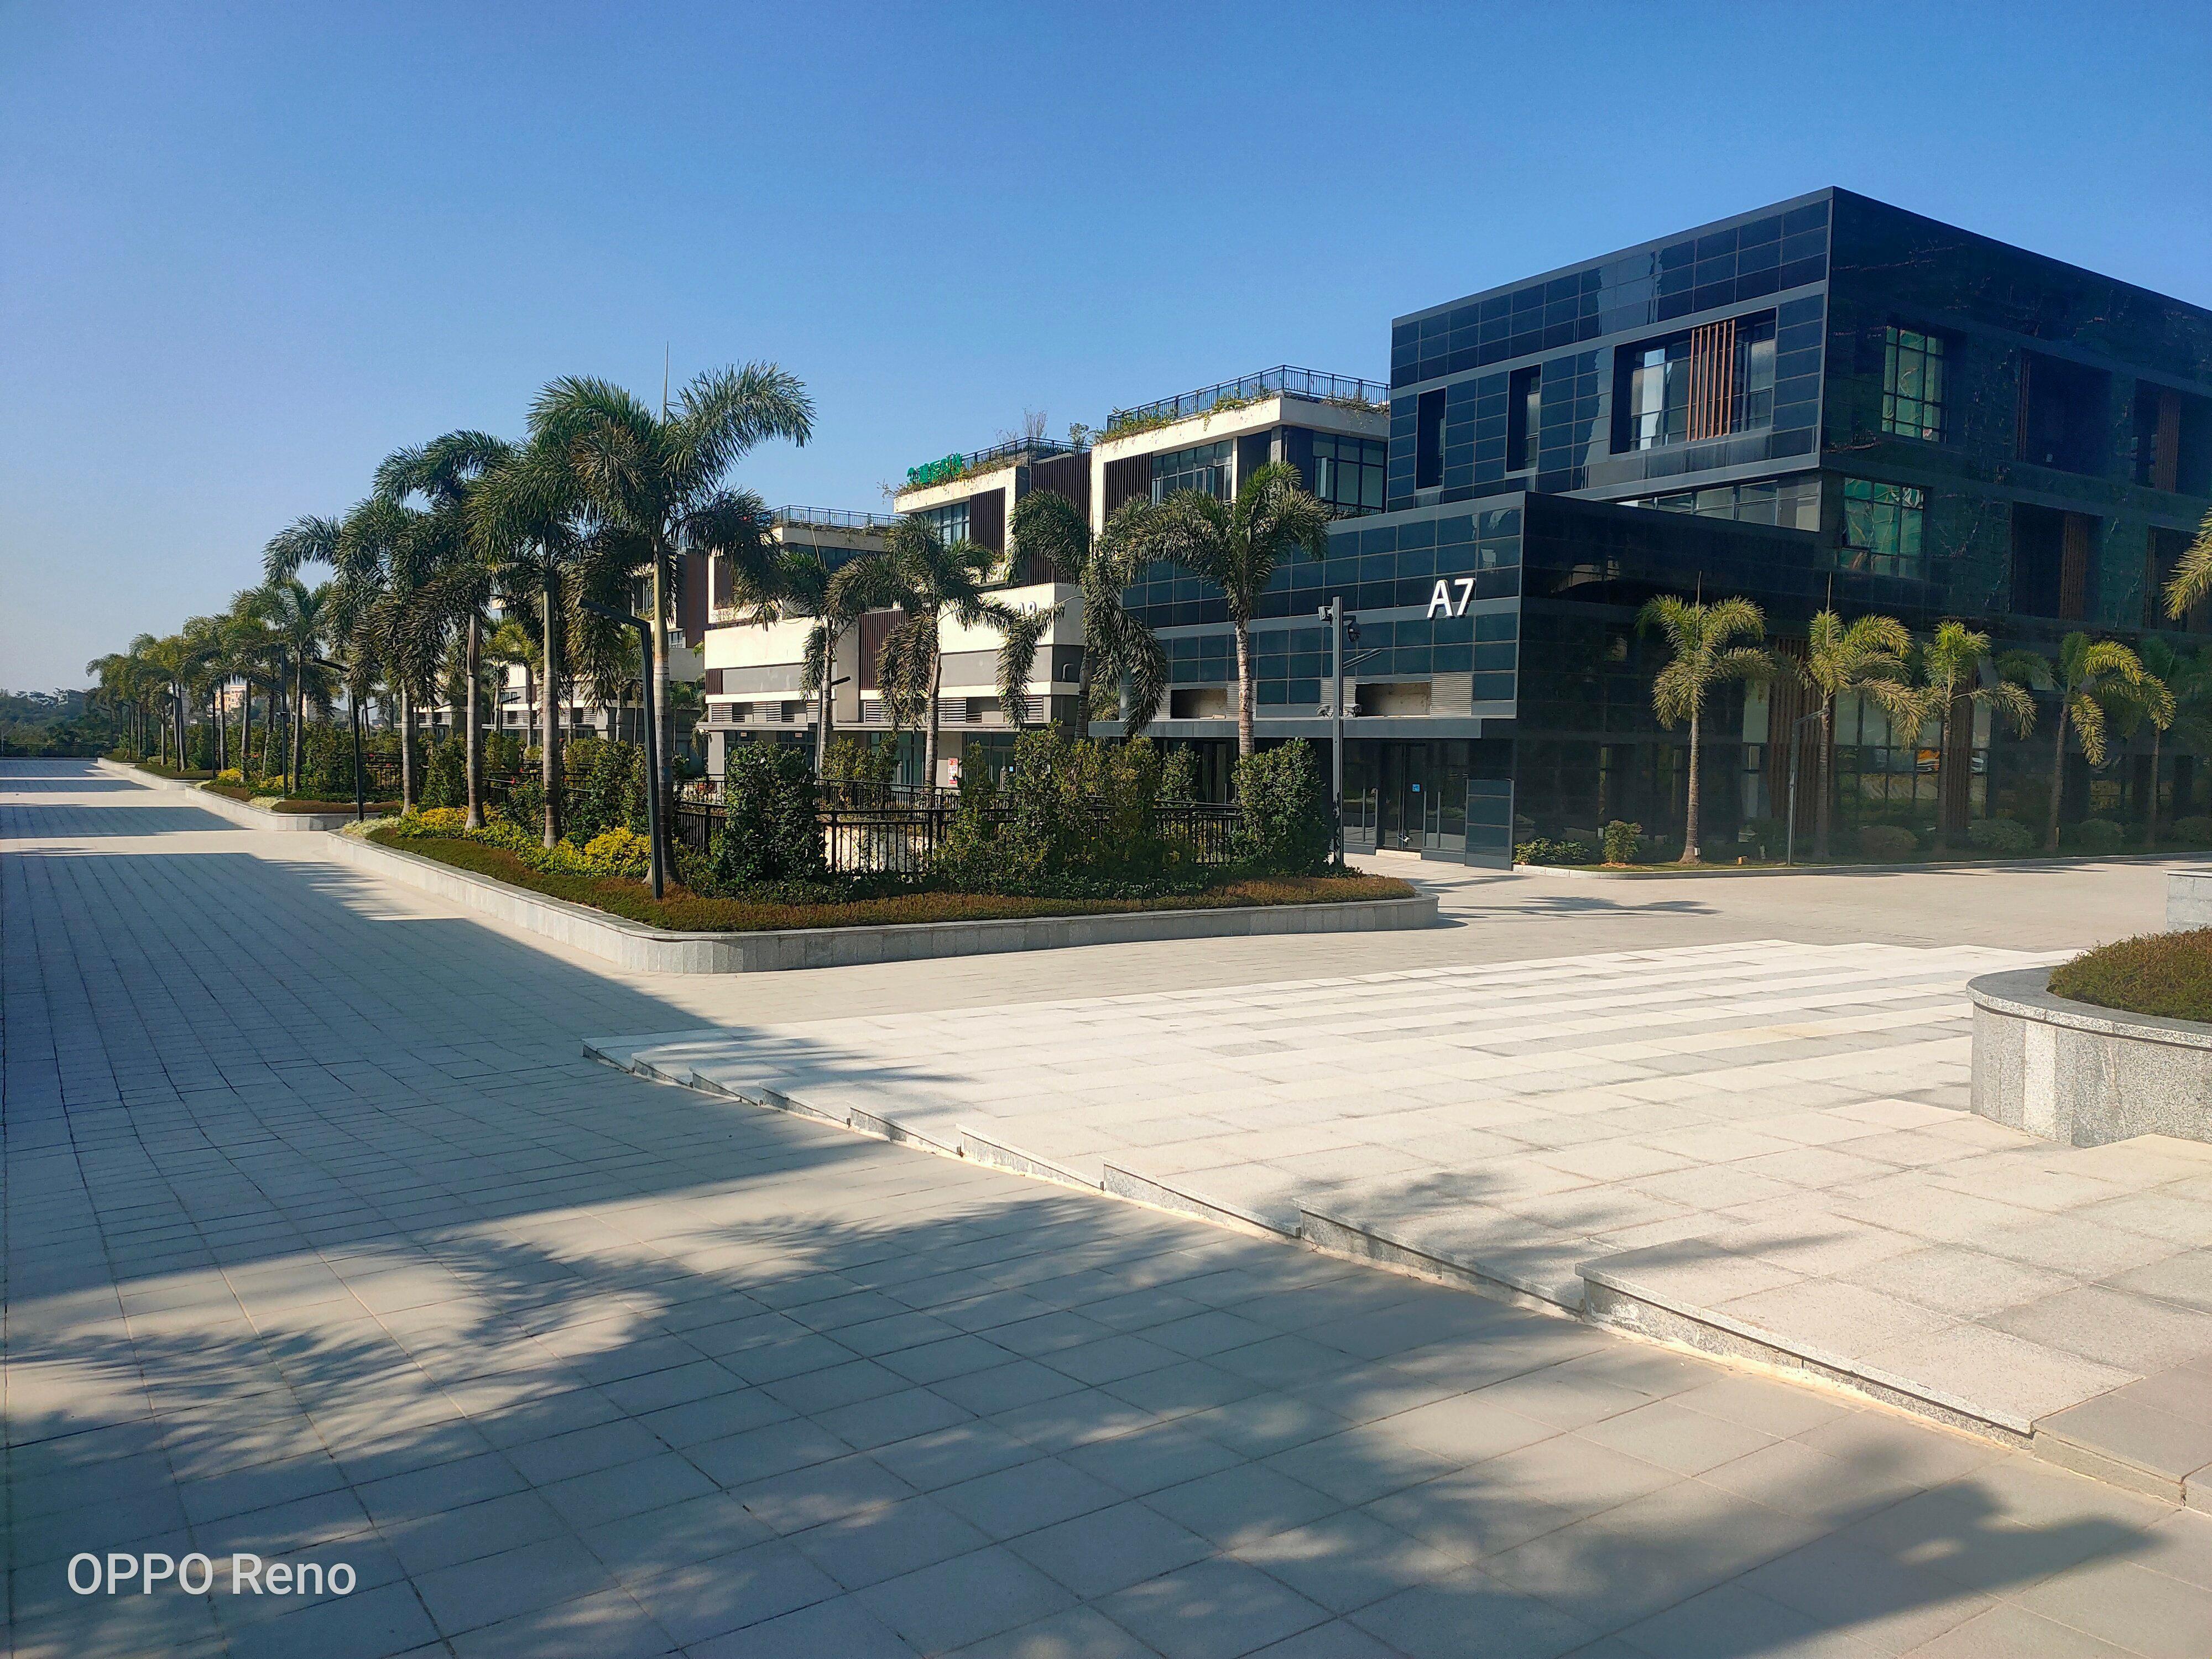 深圳市周边新出花园式厂房,独栋1-3层独栋厂房,送车库。